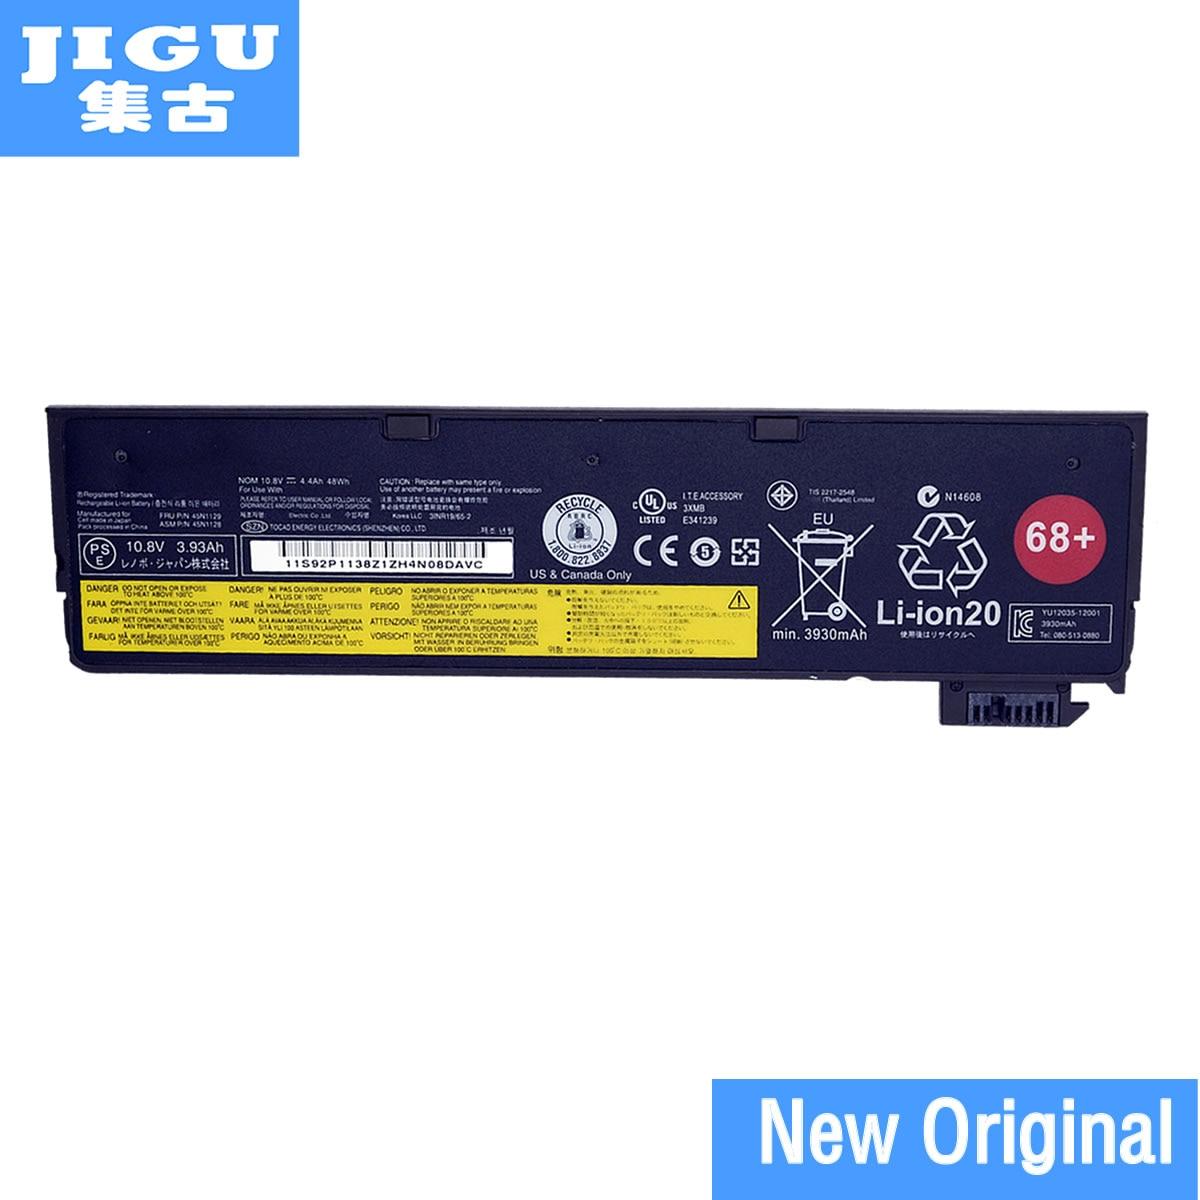 JIGU 45N1136 45N1131 45N1160 Original Laptop Battery For Lenovo for Thinkpad X240 X240S T440 T440S K2450 68+ jigu new battery l11l6y01 l11s6y01 for lenovo y480p y580nt g485a g410 y480a y480 y580 g480 g485g z380 y480m